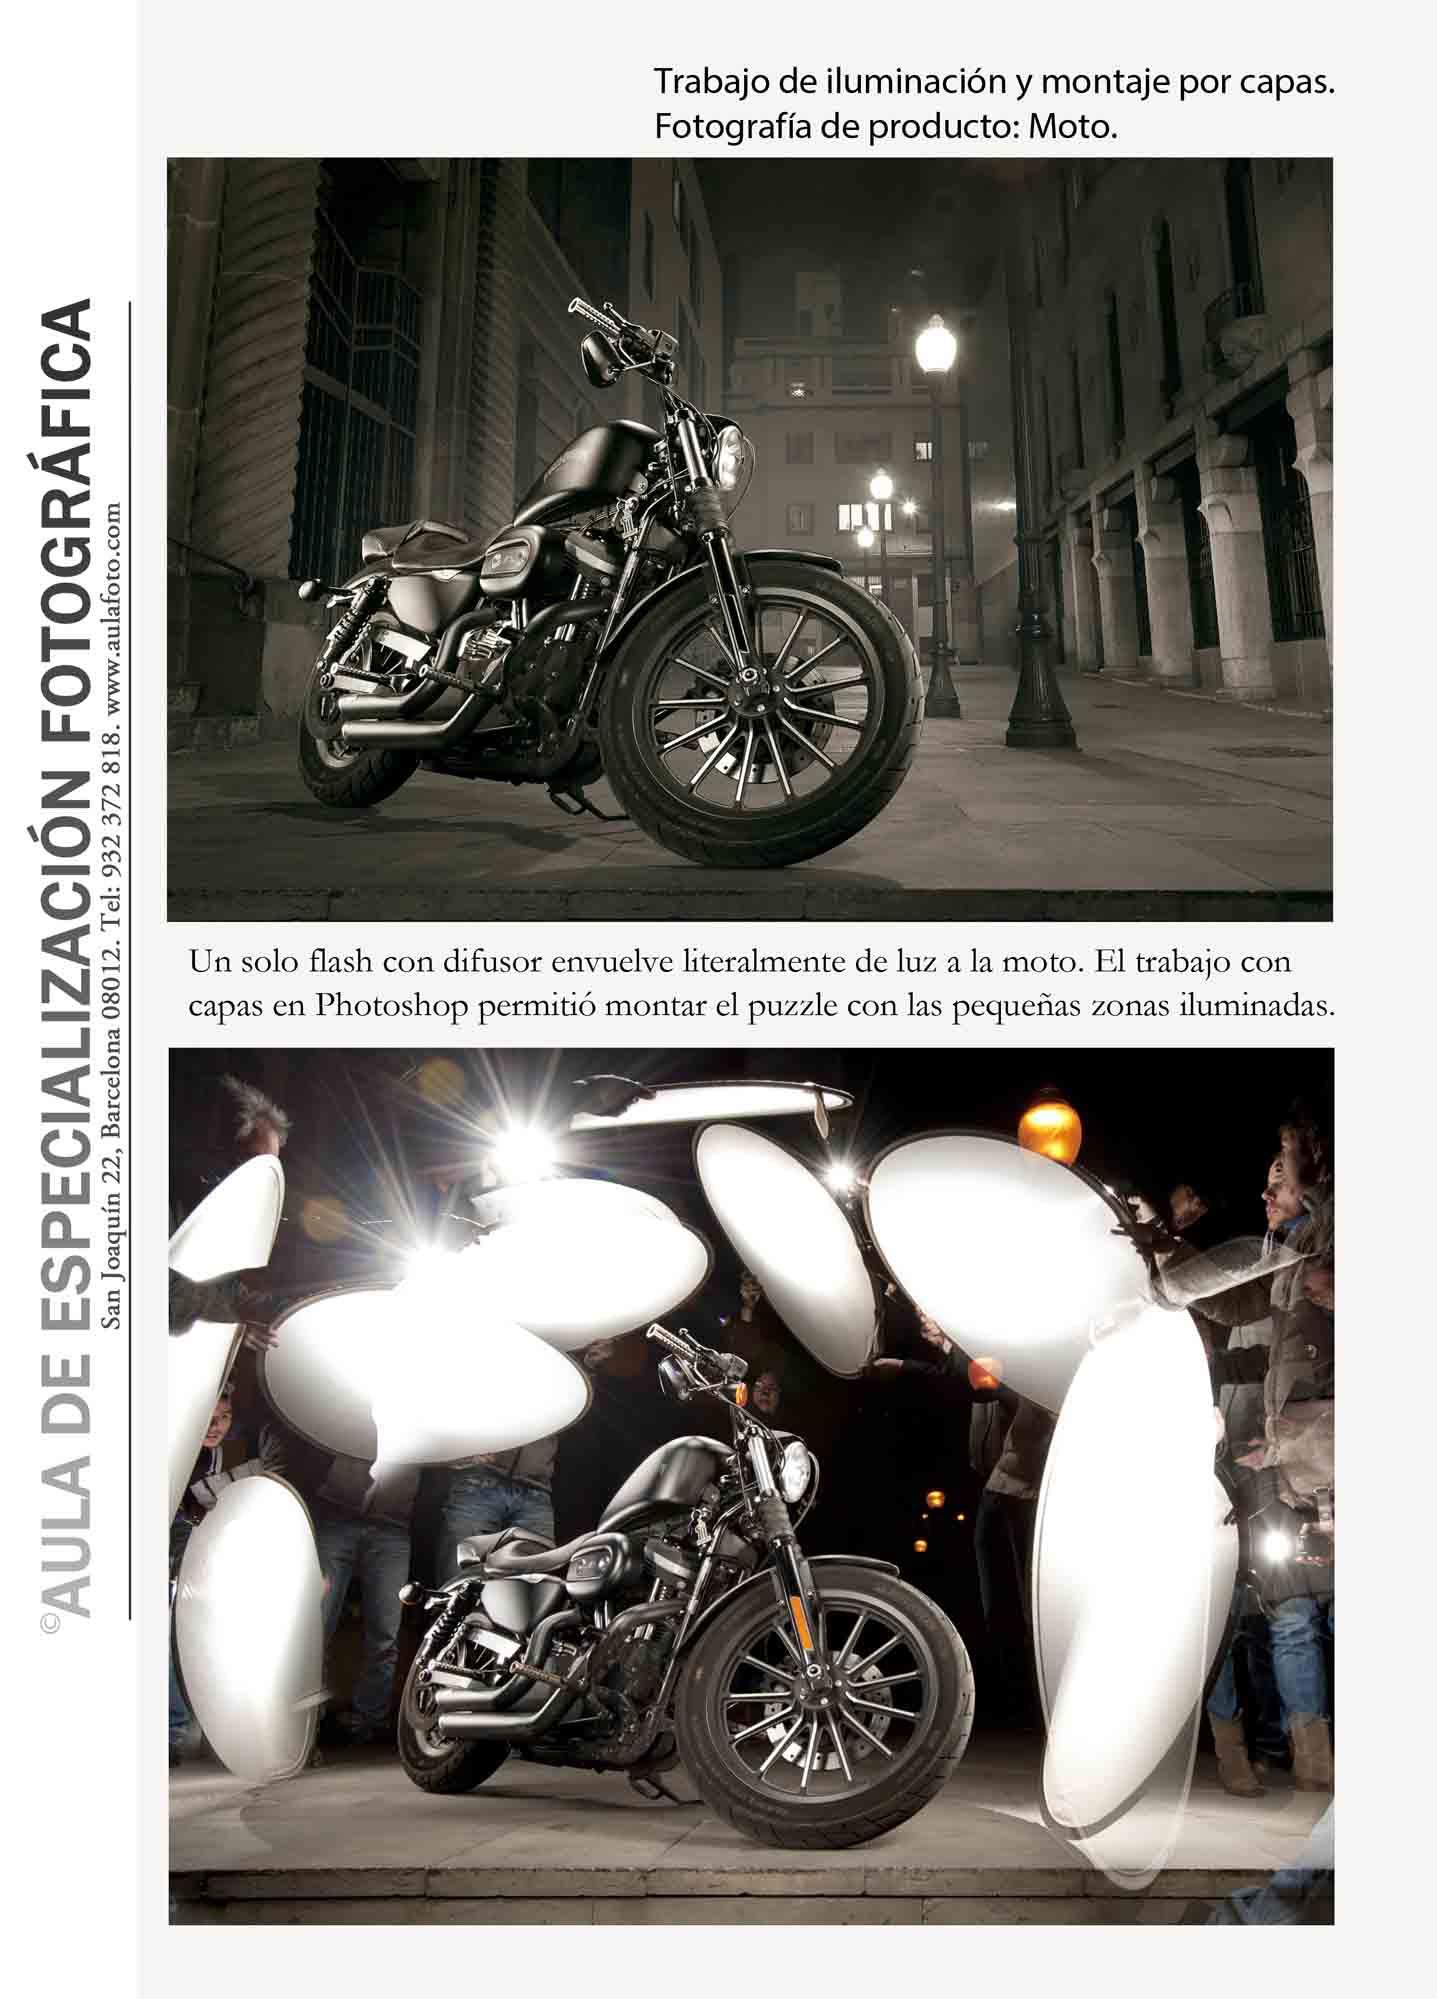 Fotografía de producto. Moto.